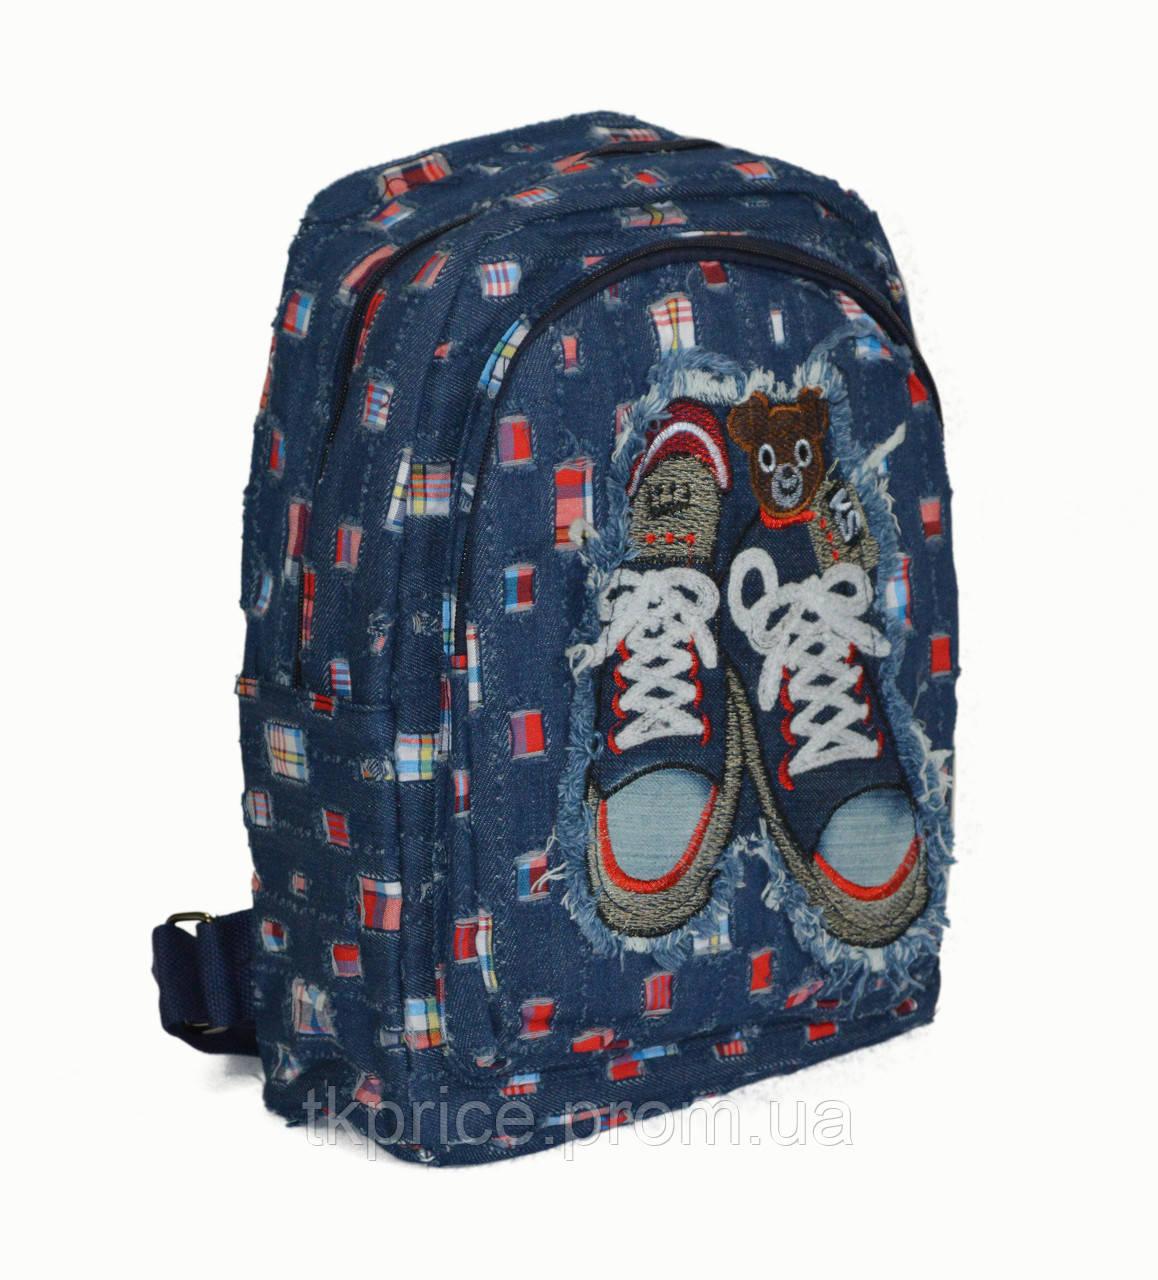 Джинсовый  рюкзак для школы и прогулок с кедами